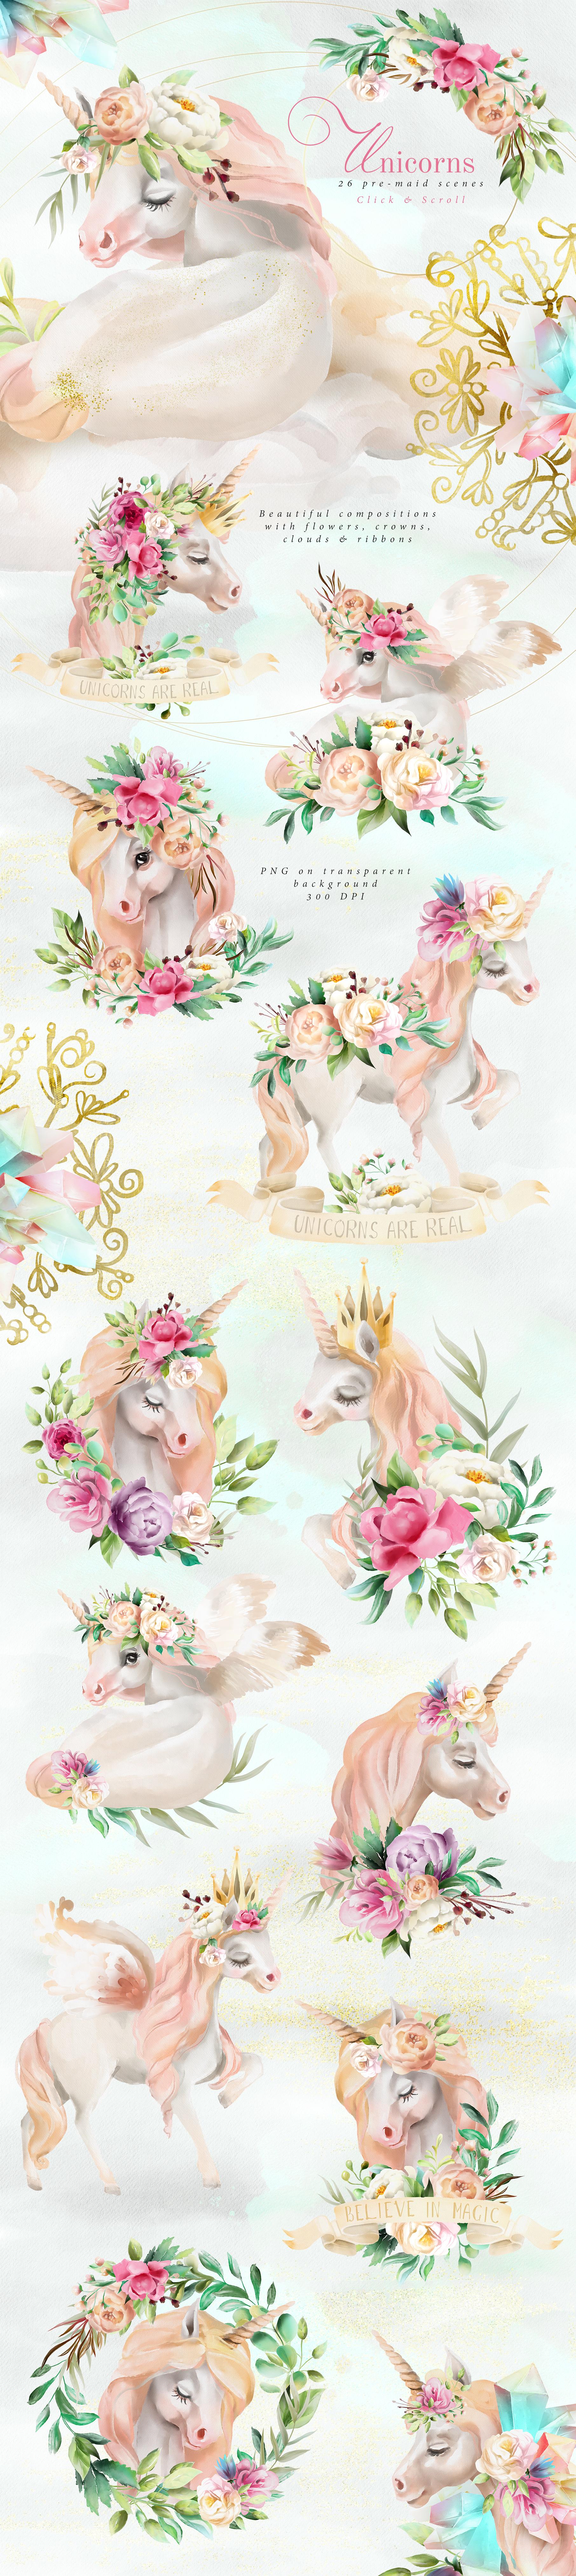 Believe In Unicorns example image 2